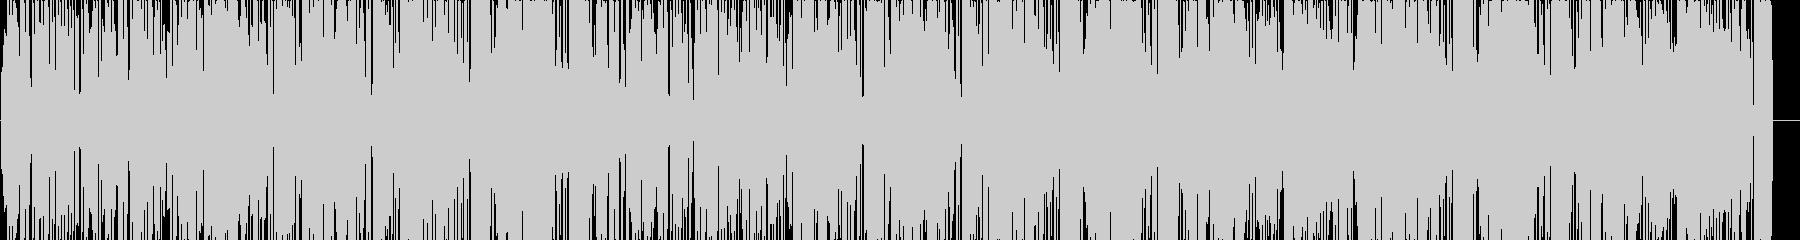 最高にオシャレで爽やか切ないLO-FIの未再生の波形